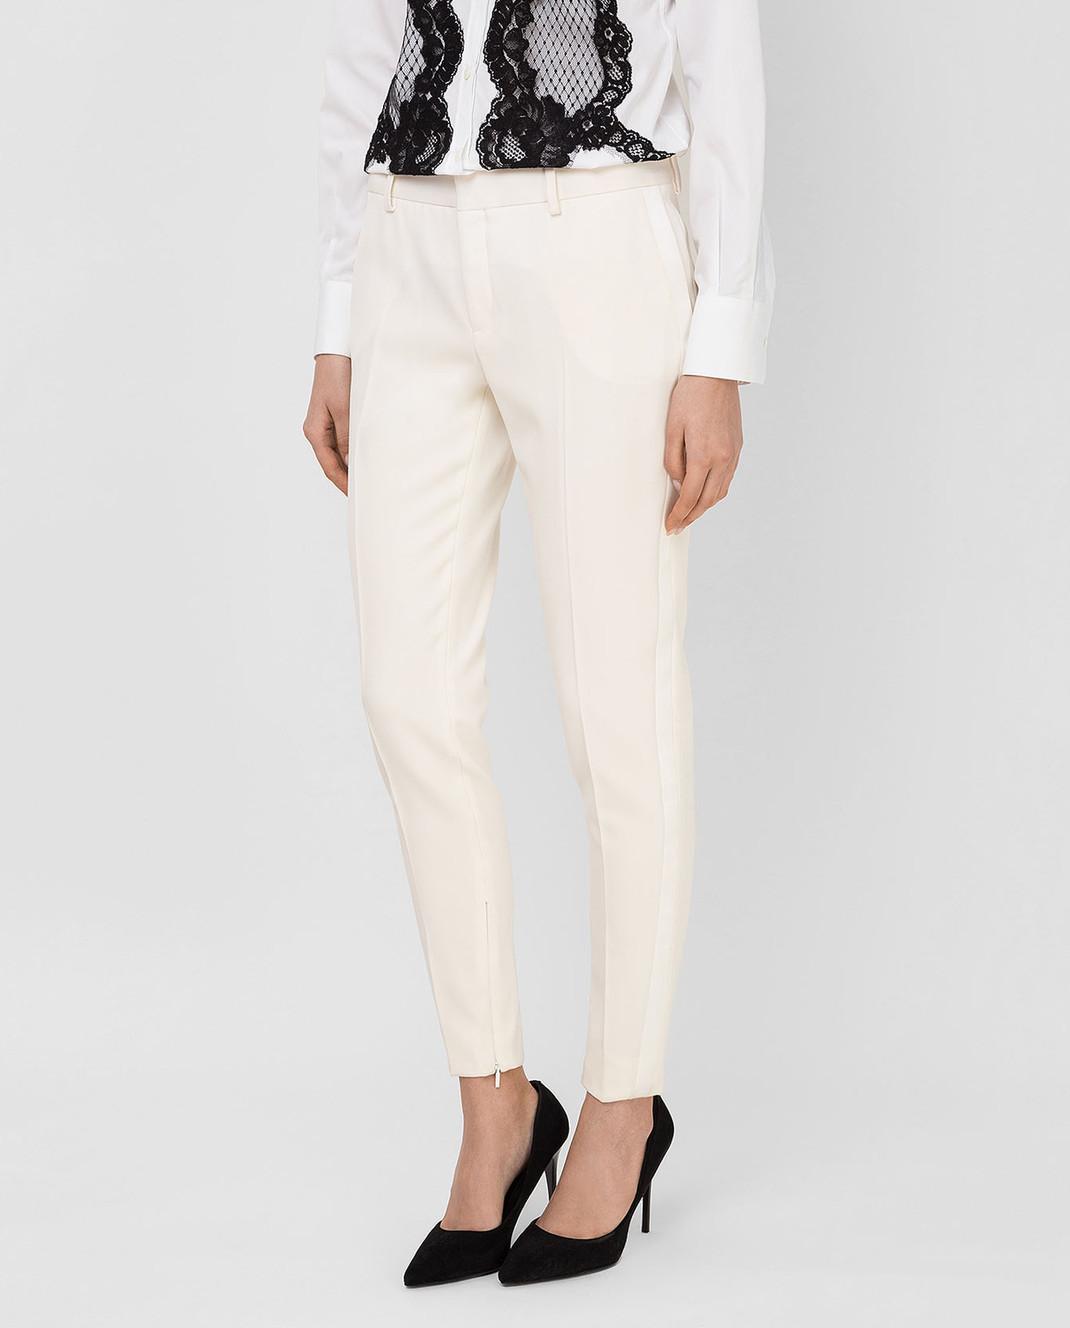 Saint Laurent Светло-бежевые брюки из шерсти 516111 изображение 3